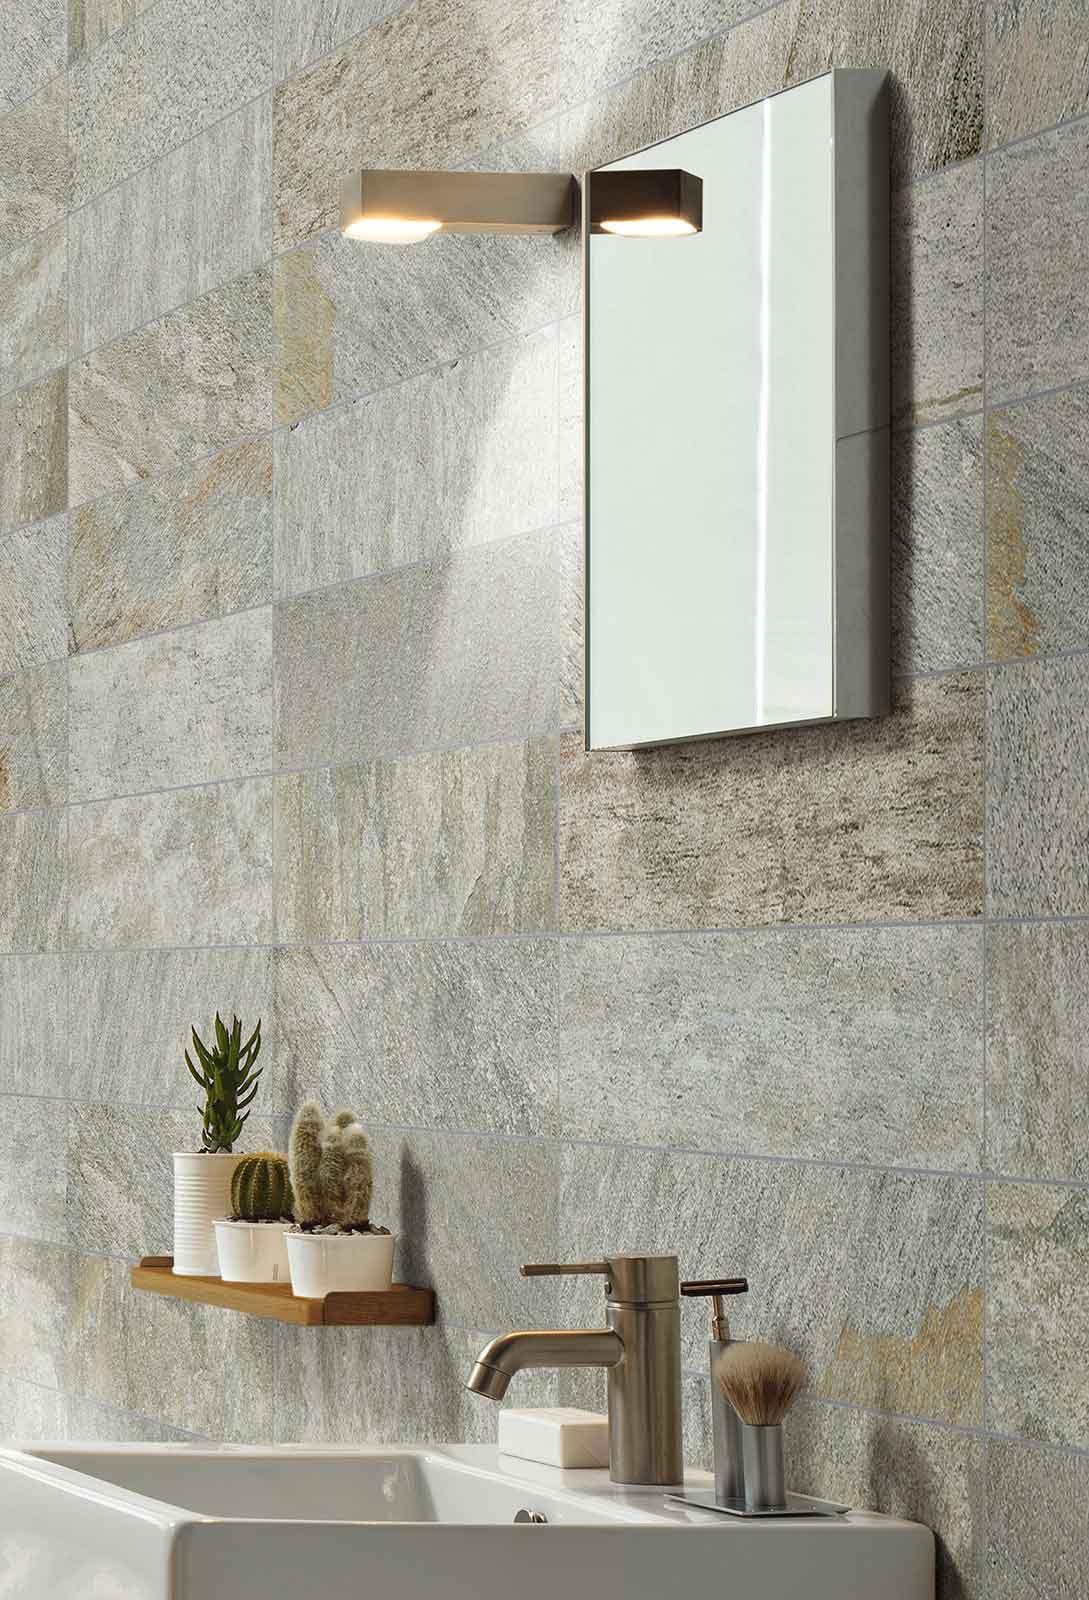 Pareti in pietra per interni minimal marazzi - Pietre decorative per interni ...